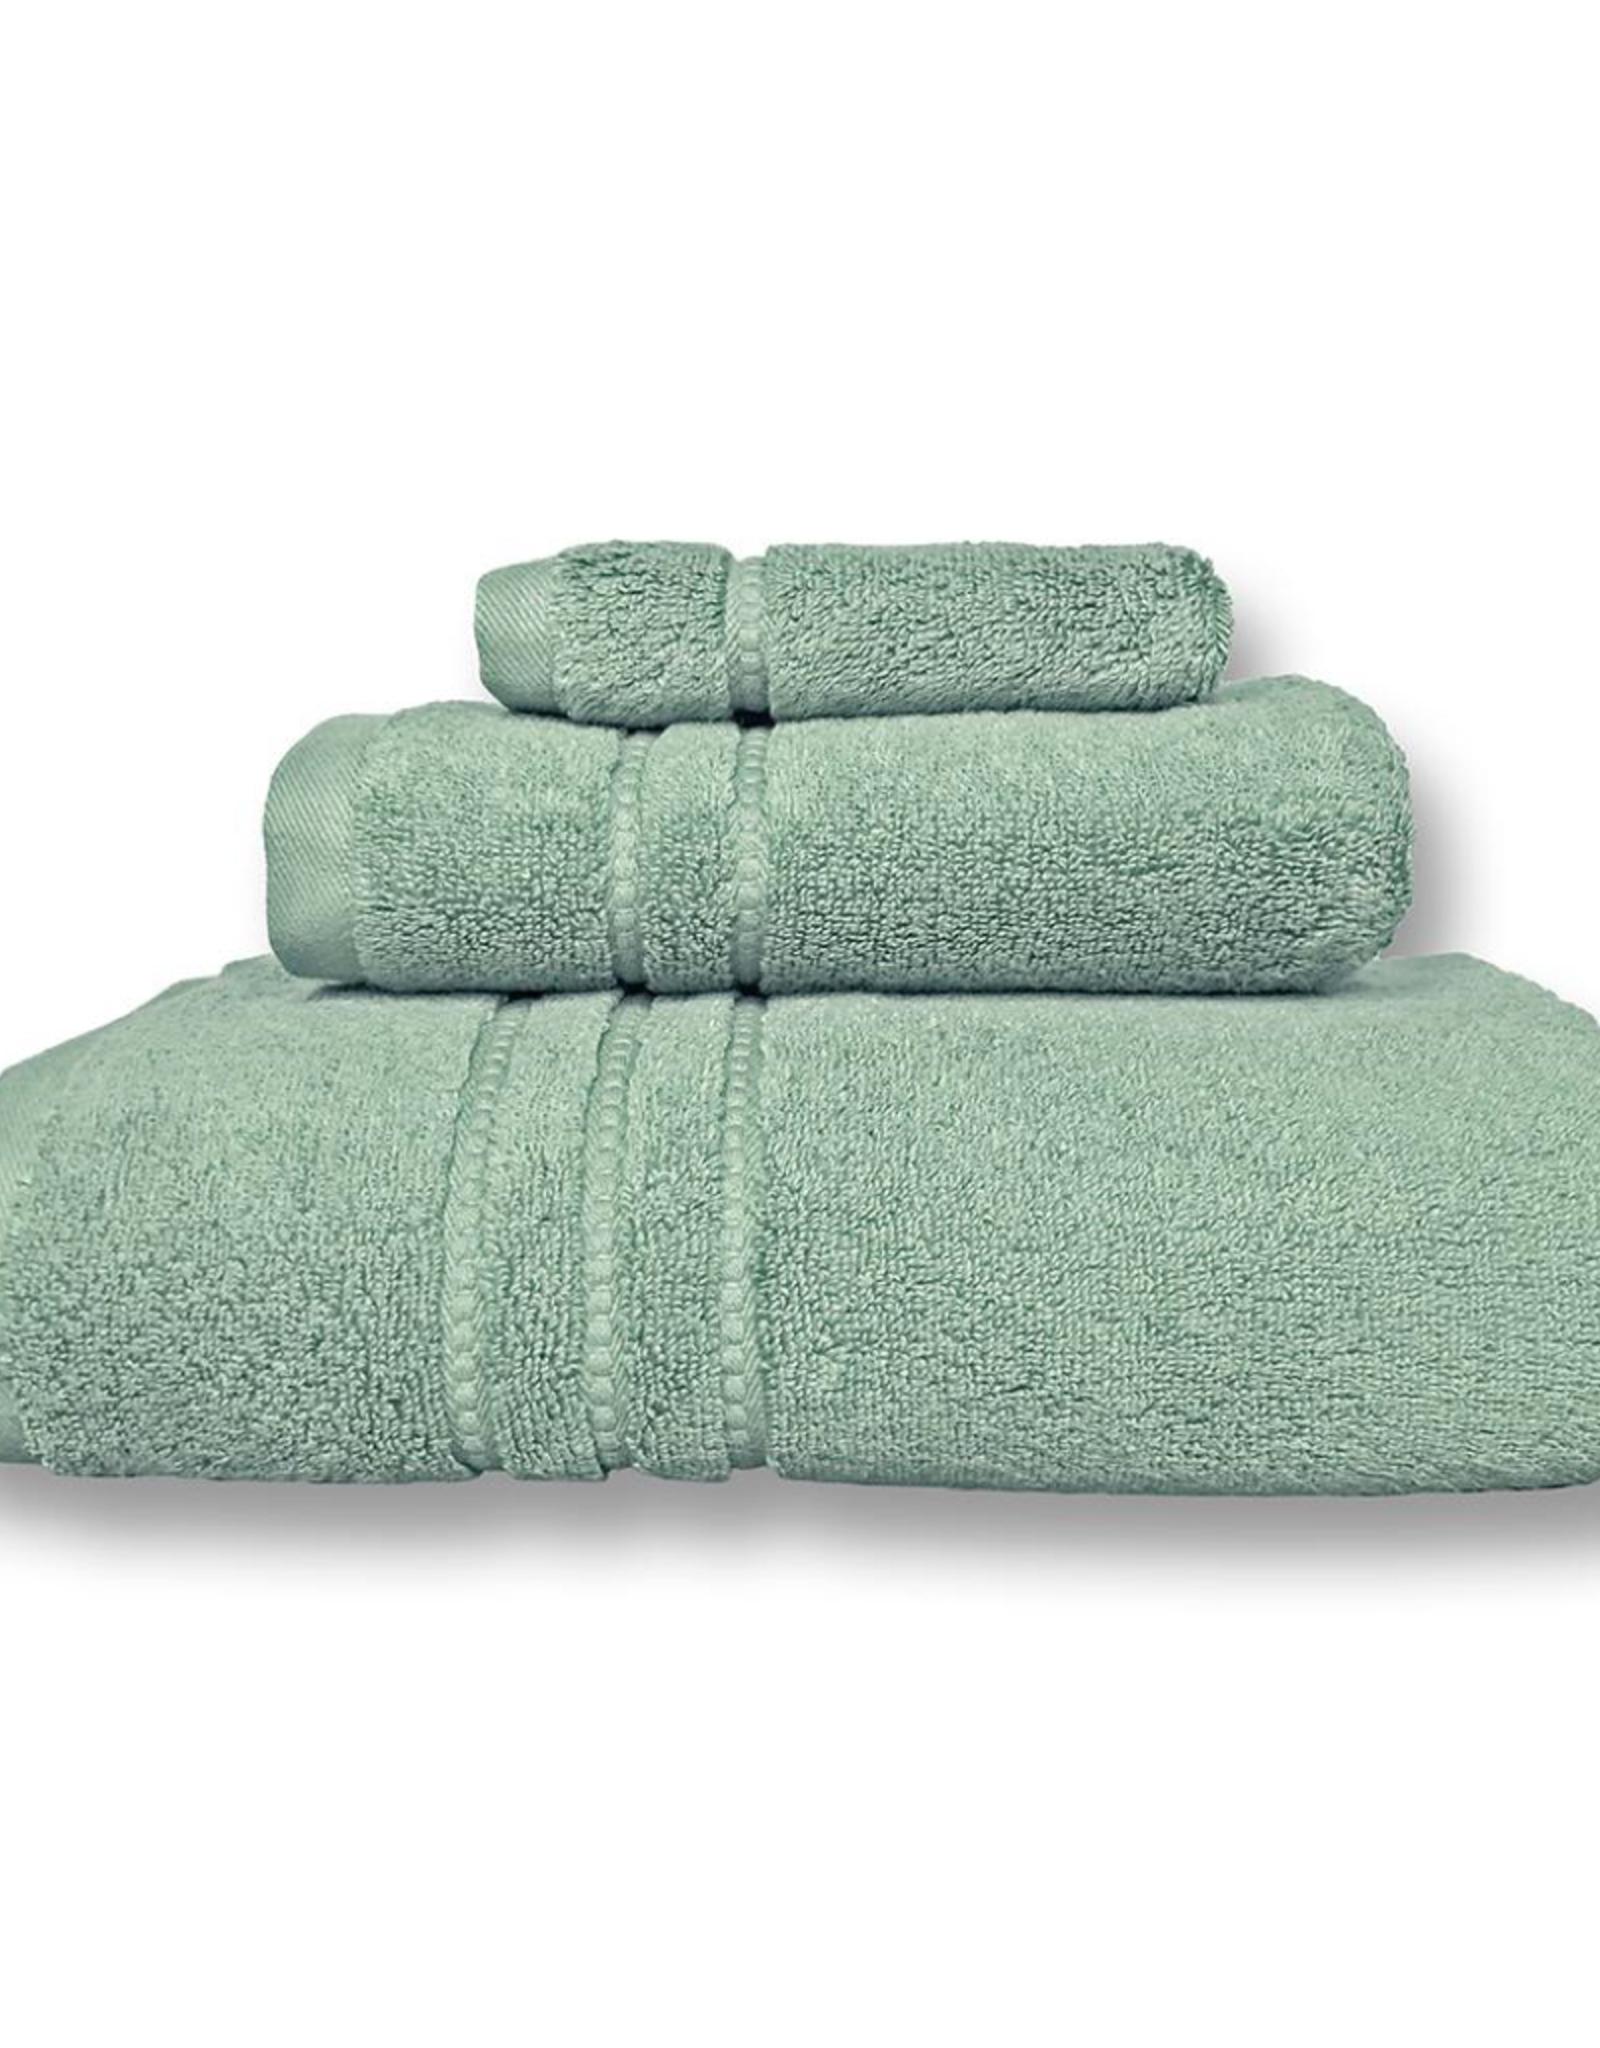 Cuddle Down Bath Towel Cuddledown Portofino Clearwater 43